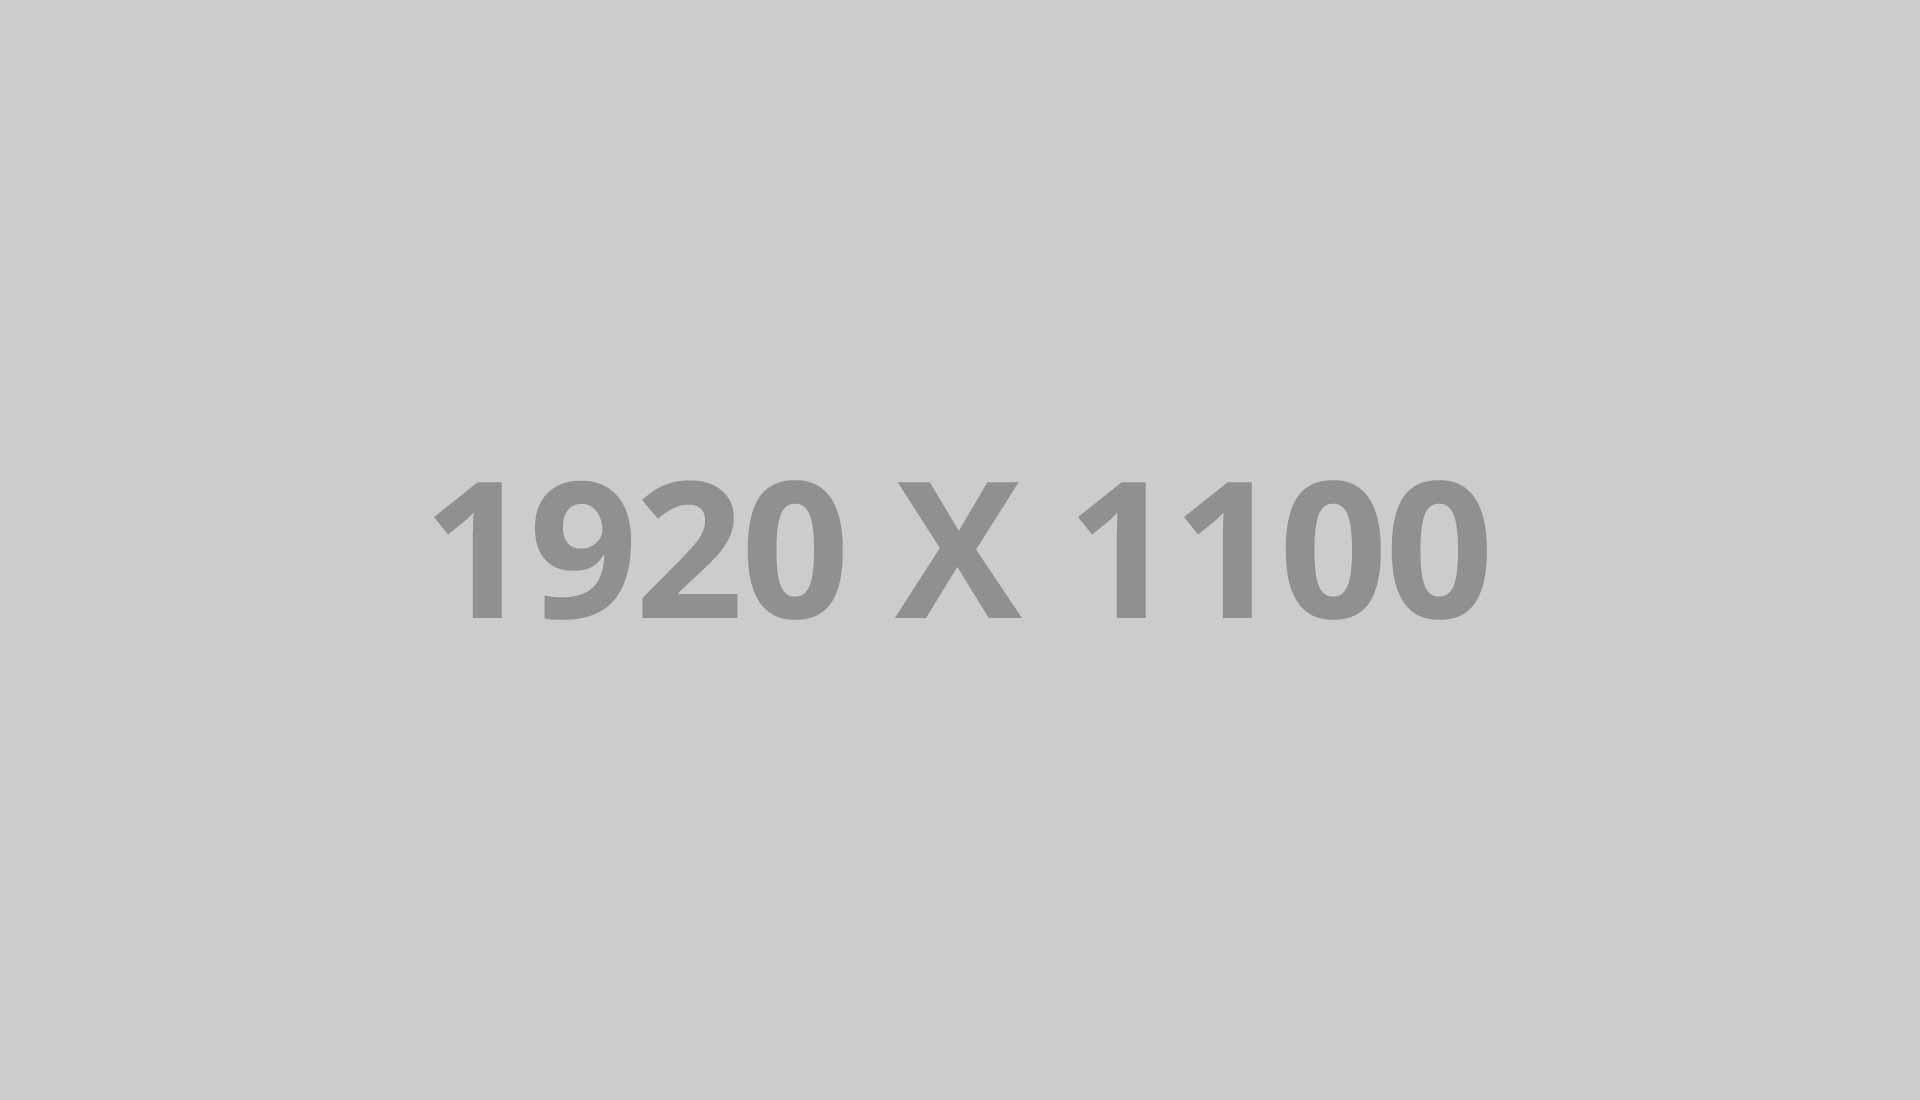 1920x1100 ph